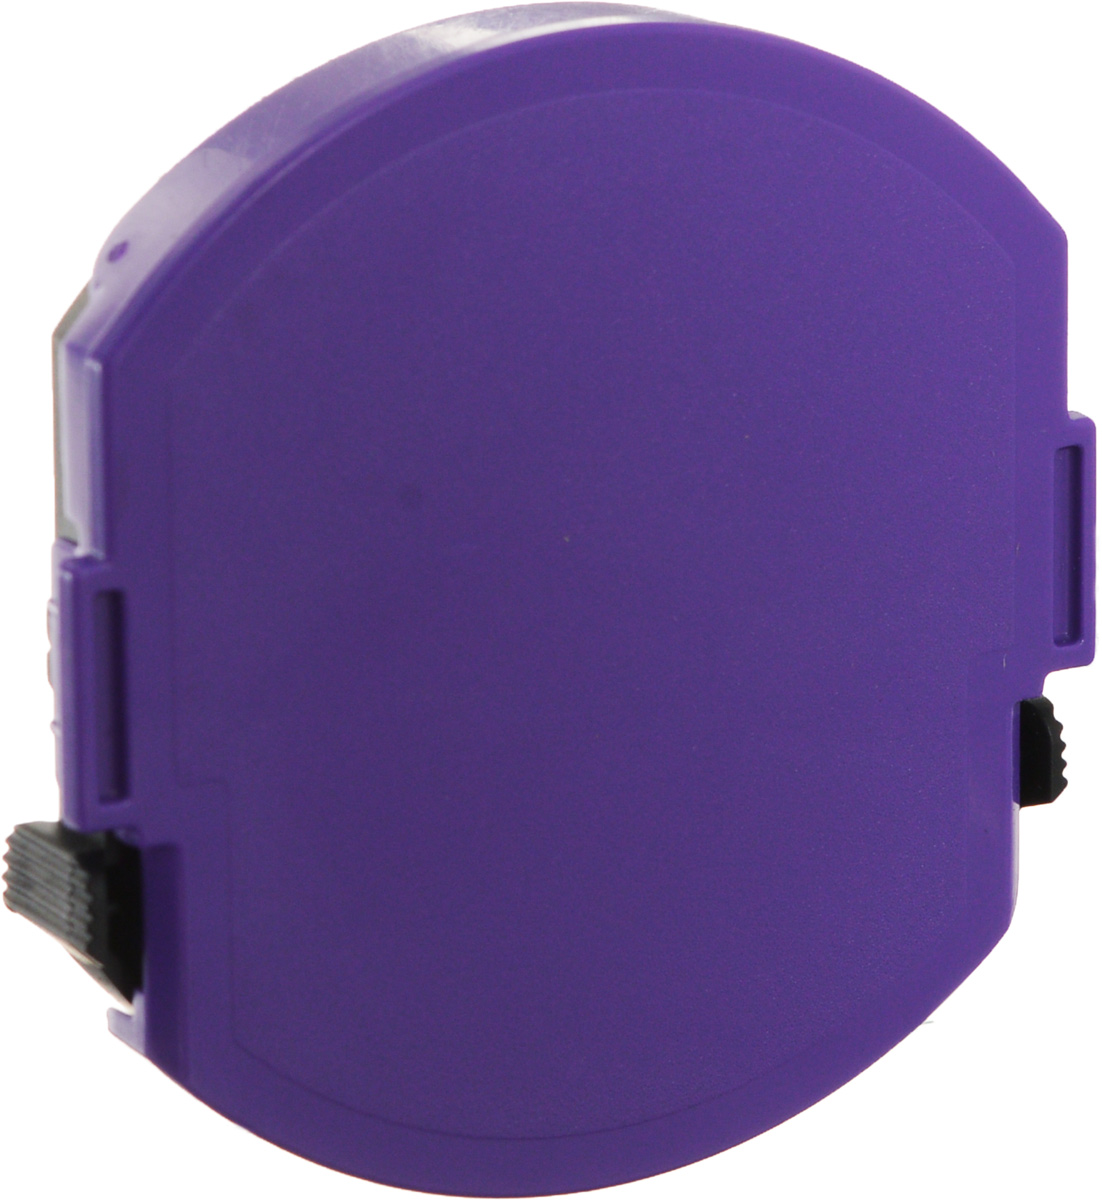 Trodat Сменная штемпельная подушка цвет фиолетовыйFS-00102Оригинальная сменная штемпельная подушка Trodat для серии PRINTY и PROFESSIONAL Line гарантируют высокое качество от первого до последнего оттиска. Четкие оттиски. Ресурс подушки - 10 000 оттисков. Рекомендована замена подушки, а не дозаправка краской. Цвет краски - фиолетовый.